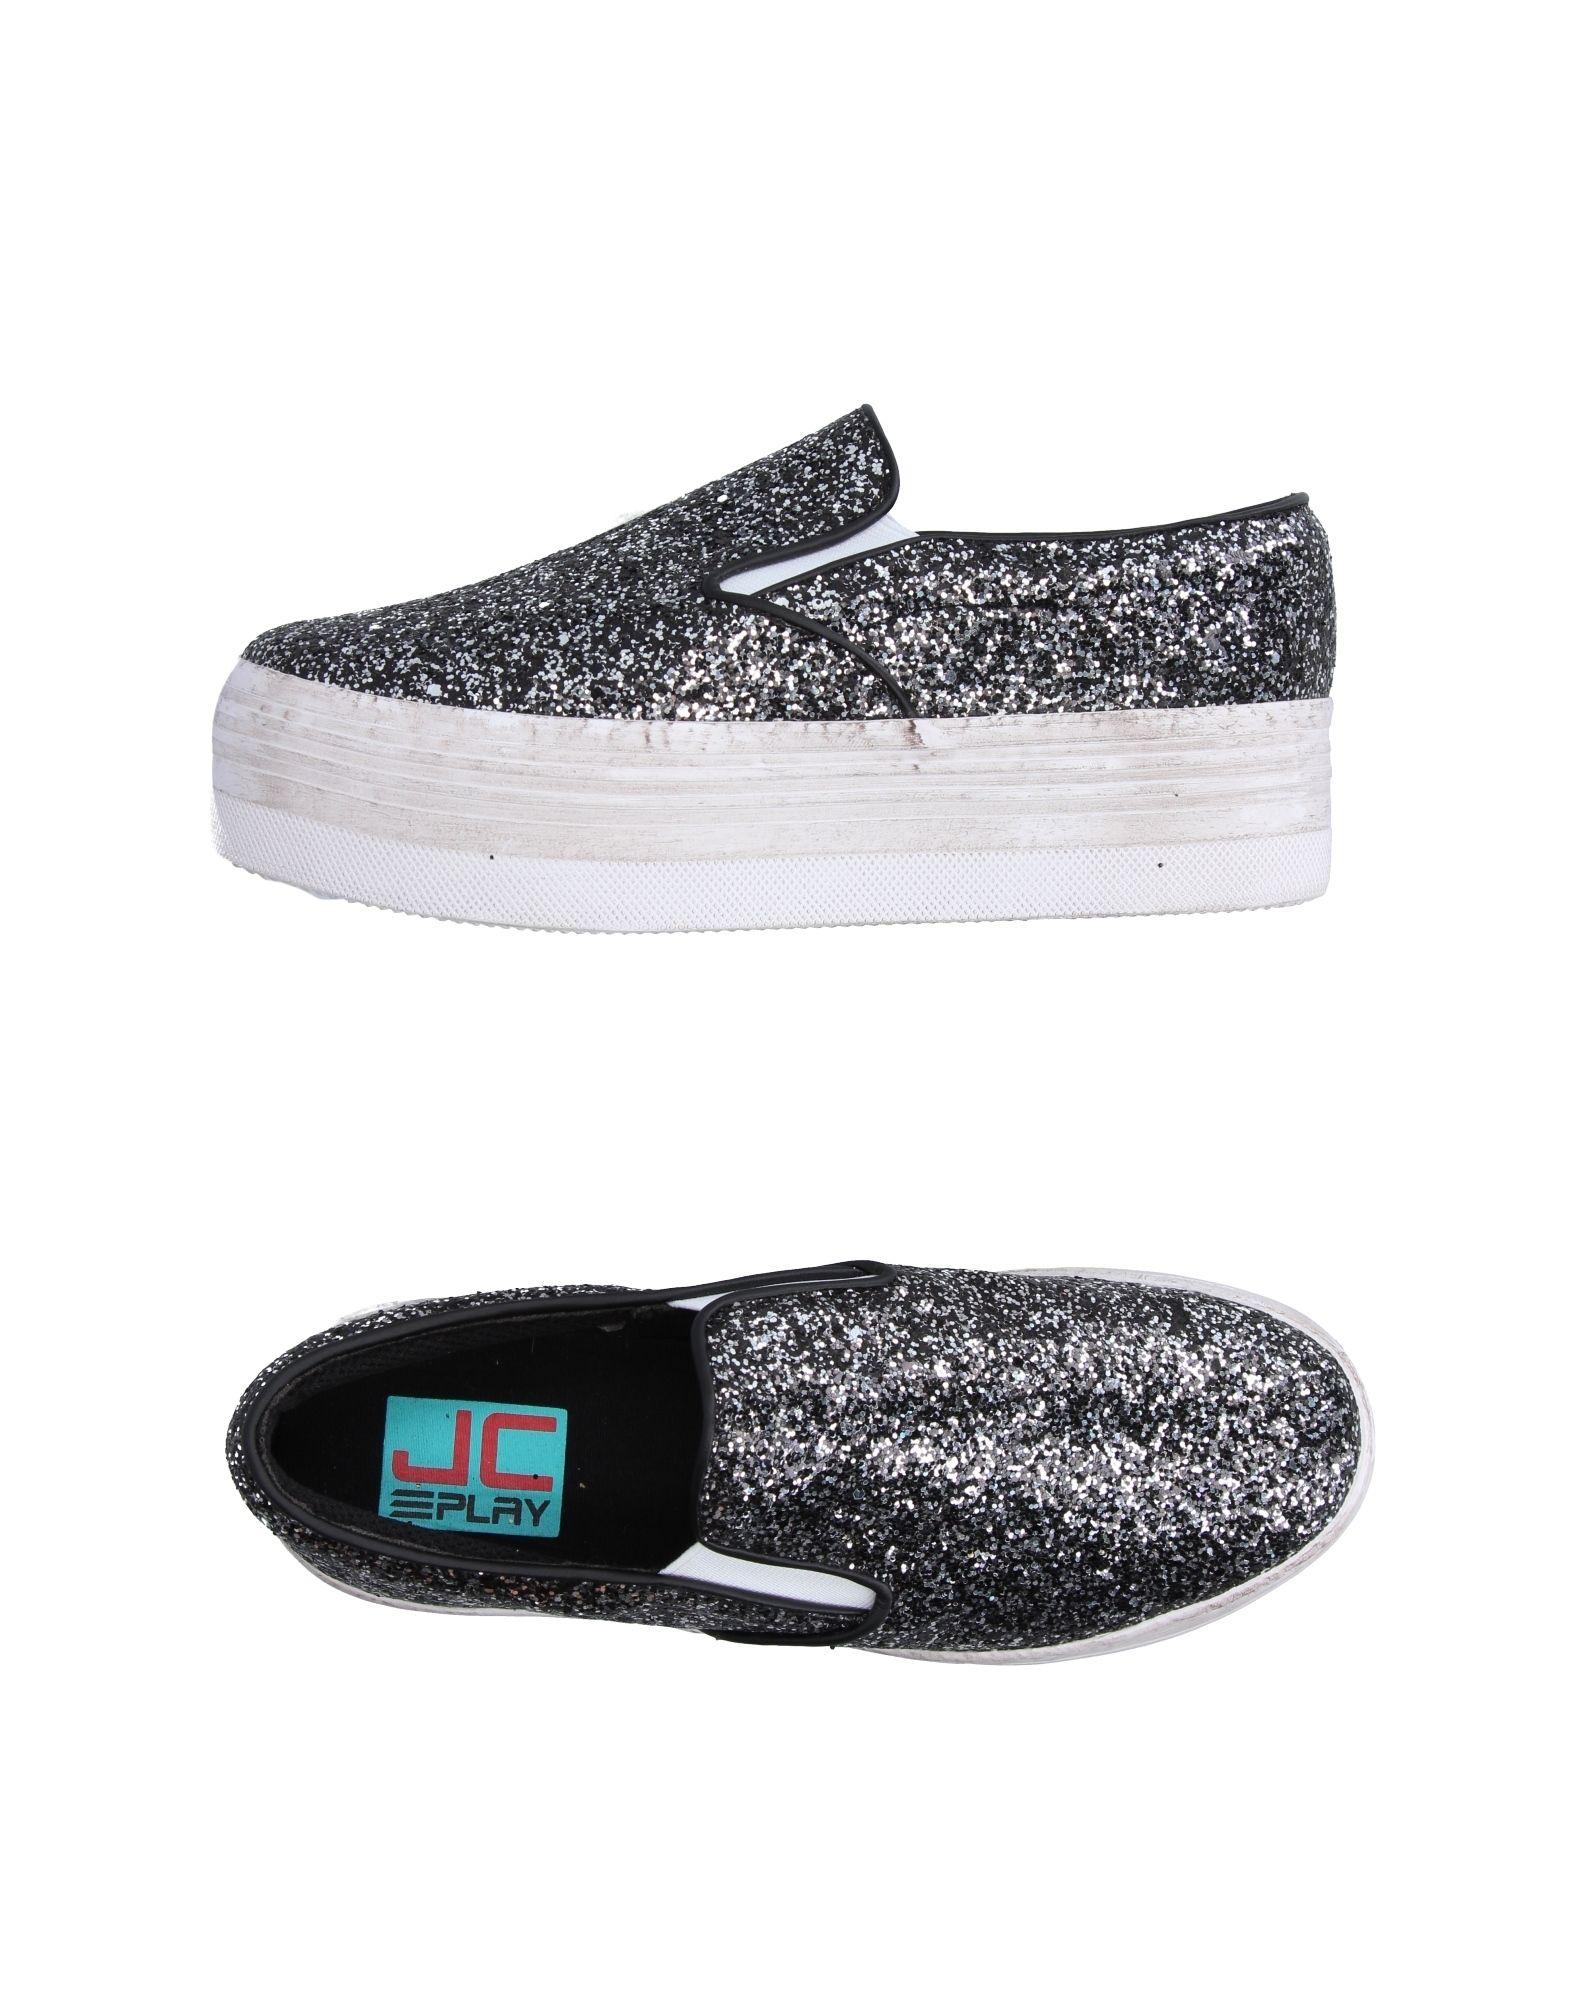 Jc Play By Jeffrey Campbell Sneakers Damen  11229632VN Gute Qualität beliebte Schuhe